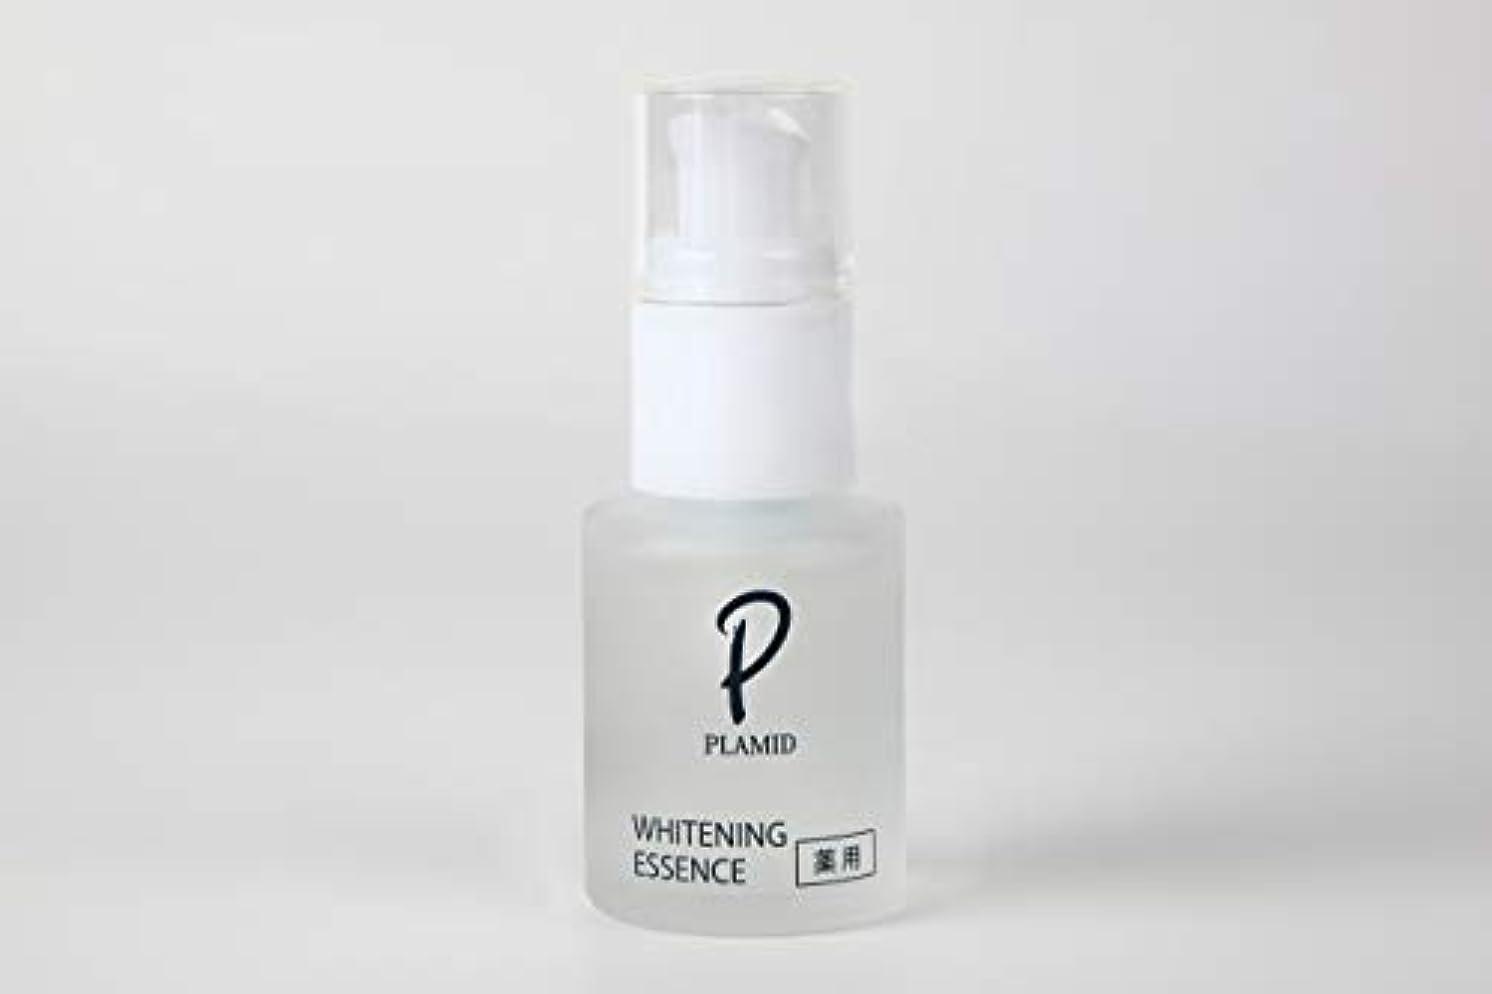 疲れた彫る元に戻す【医薬部外品】PLAMID プラミドホワイトニングエッセンス(30mL)プラセンタエキス、アルブチン、グリチルリチン酸2K配合